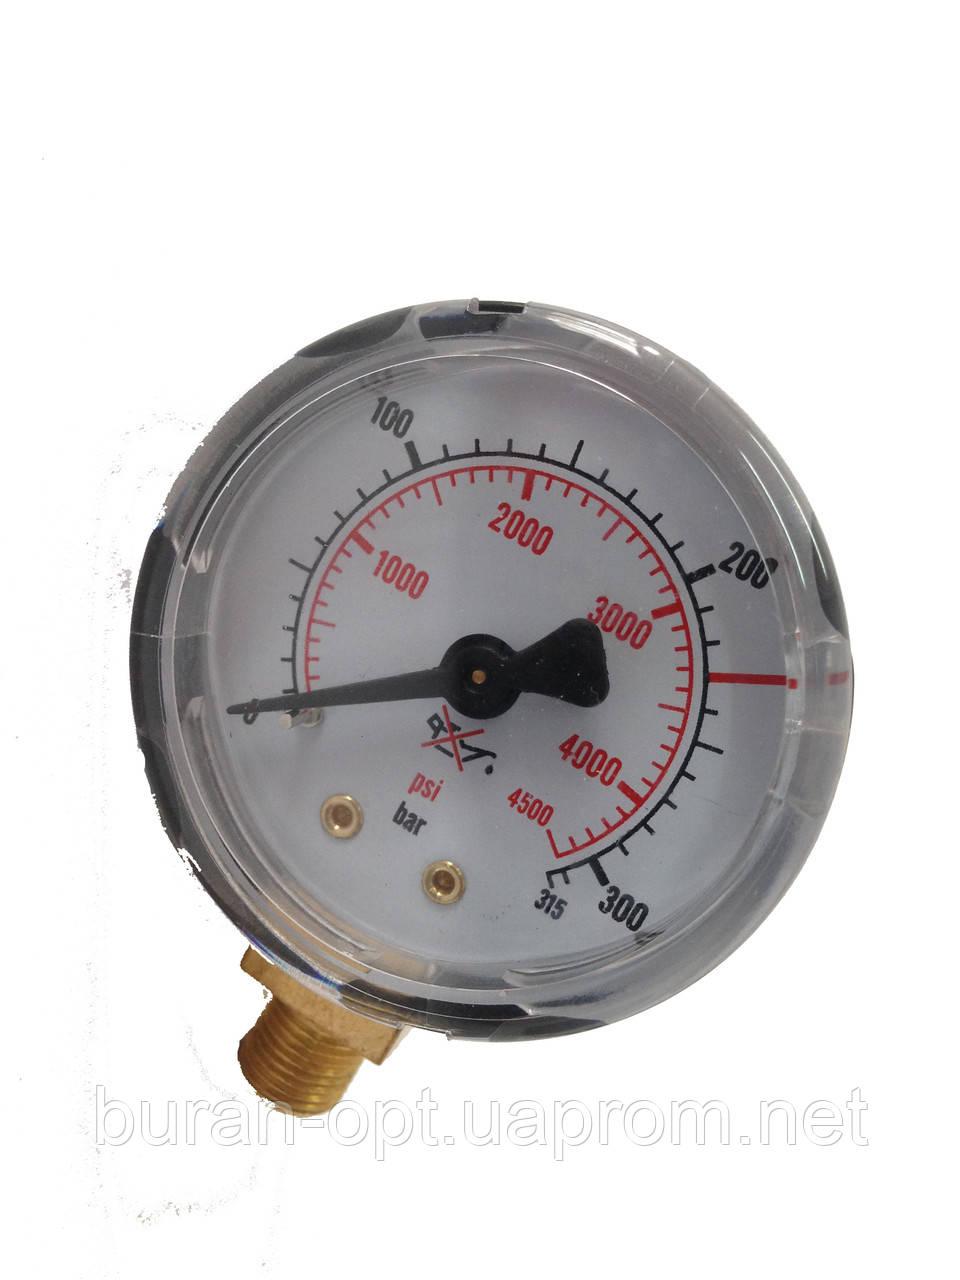 Манометр СО2 Мини 0-315 bar G1/8